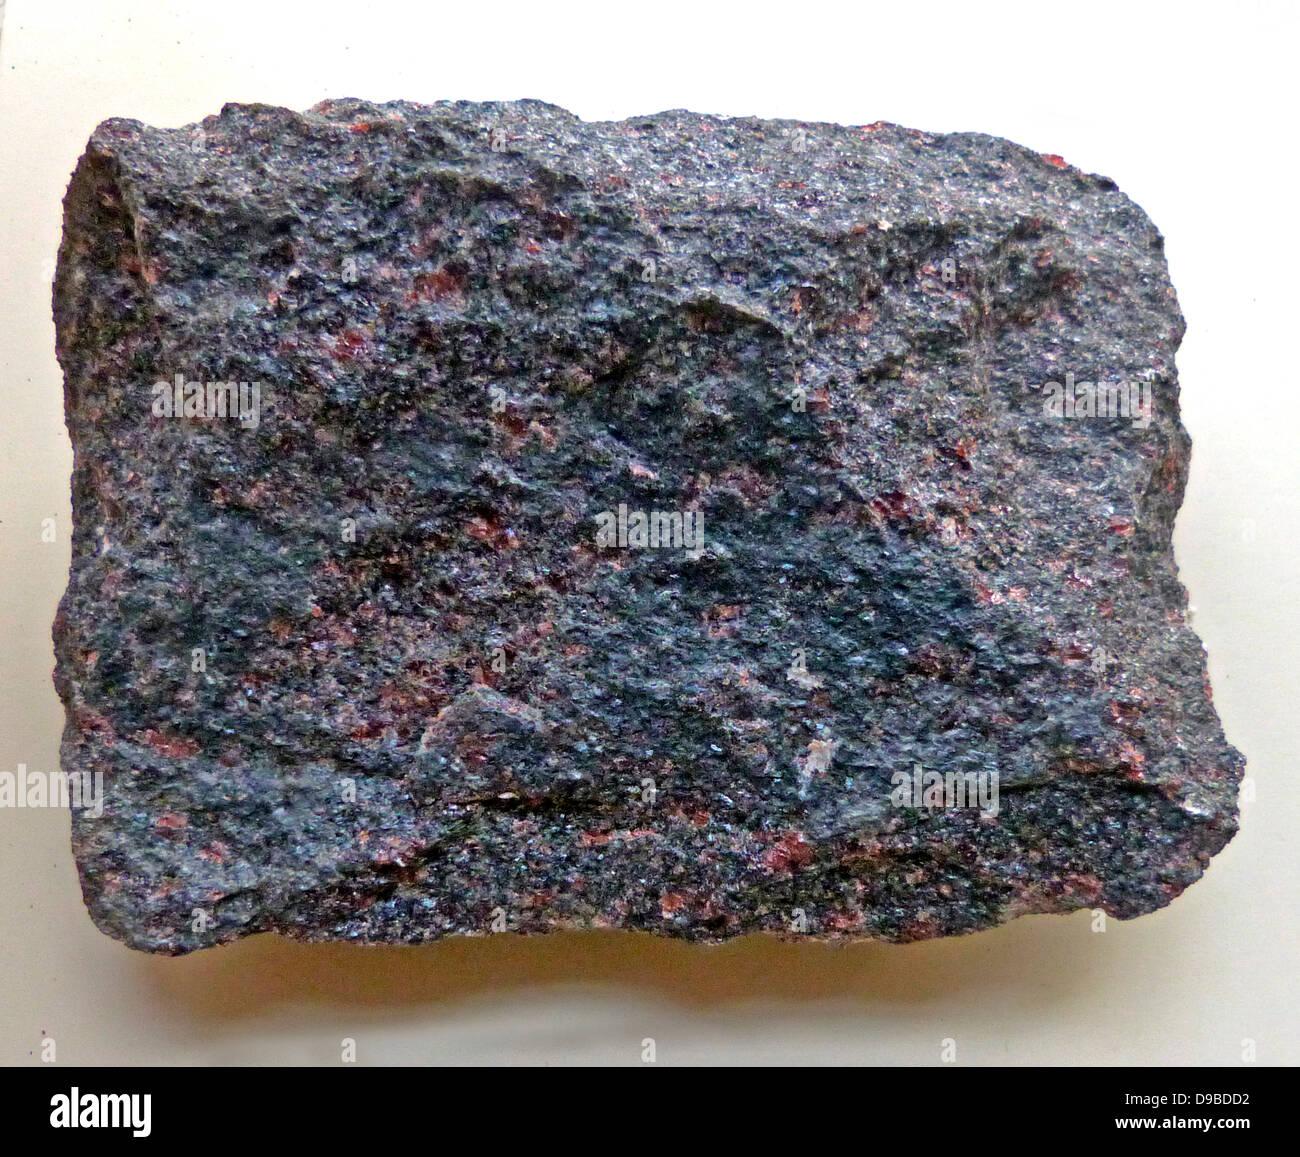 Eklogit (ist ein bunter Felsen, die im Inneren der Erde unter großen Temperaturen, mafischen gebildet wird Stockbild